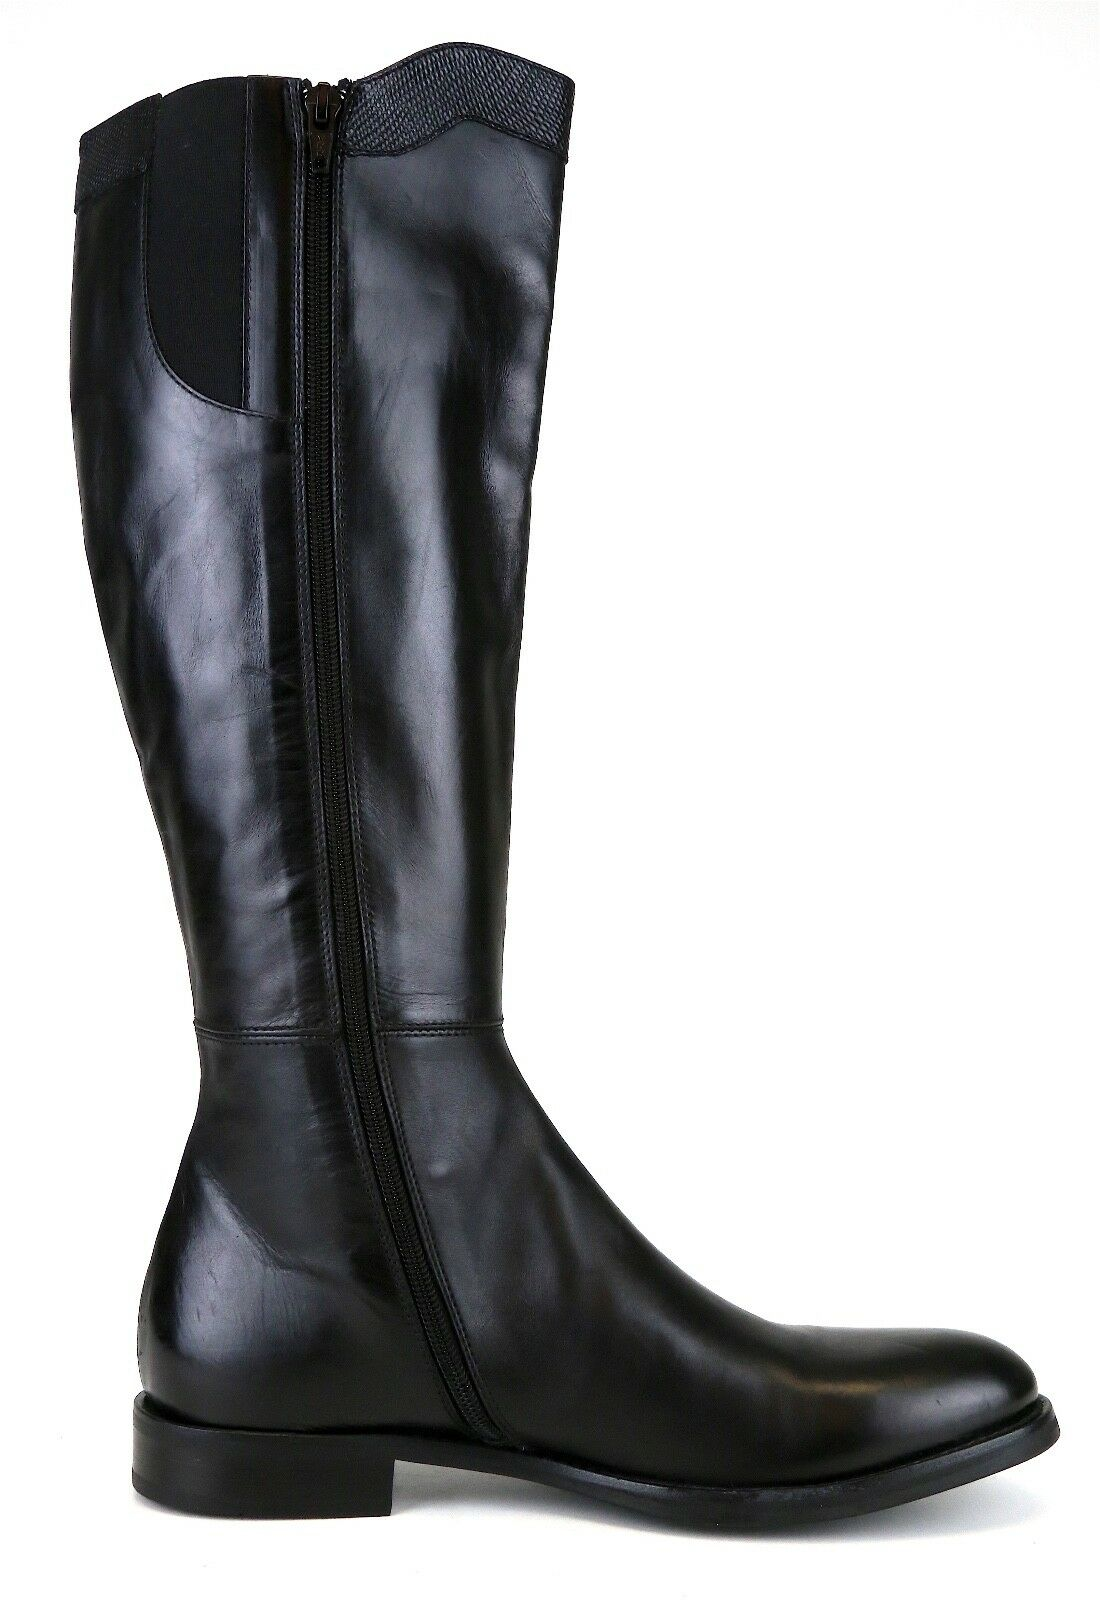 AGL Tall Leather Side Zipper Boot Black Women Women Women Sz 40 EUR 6639  b30821